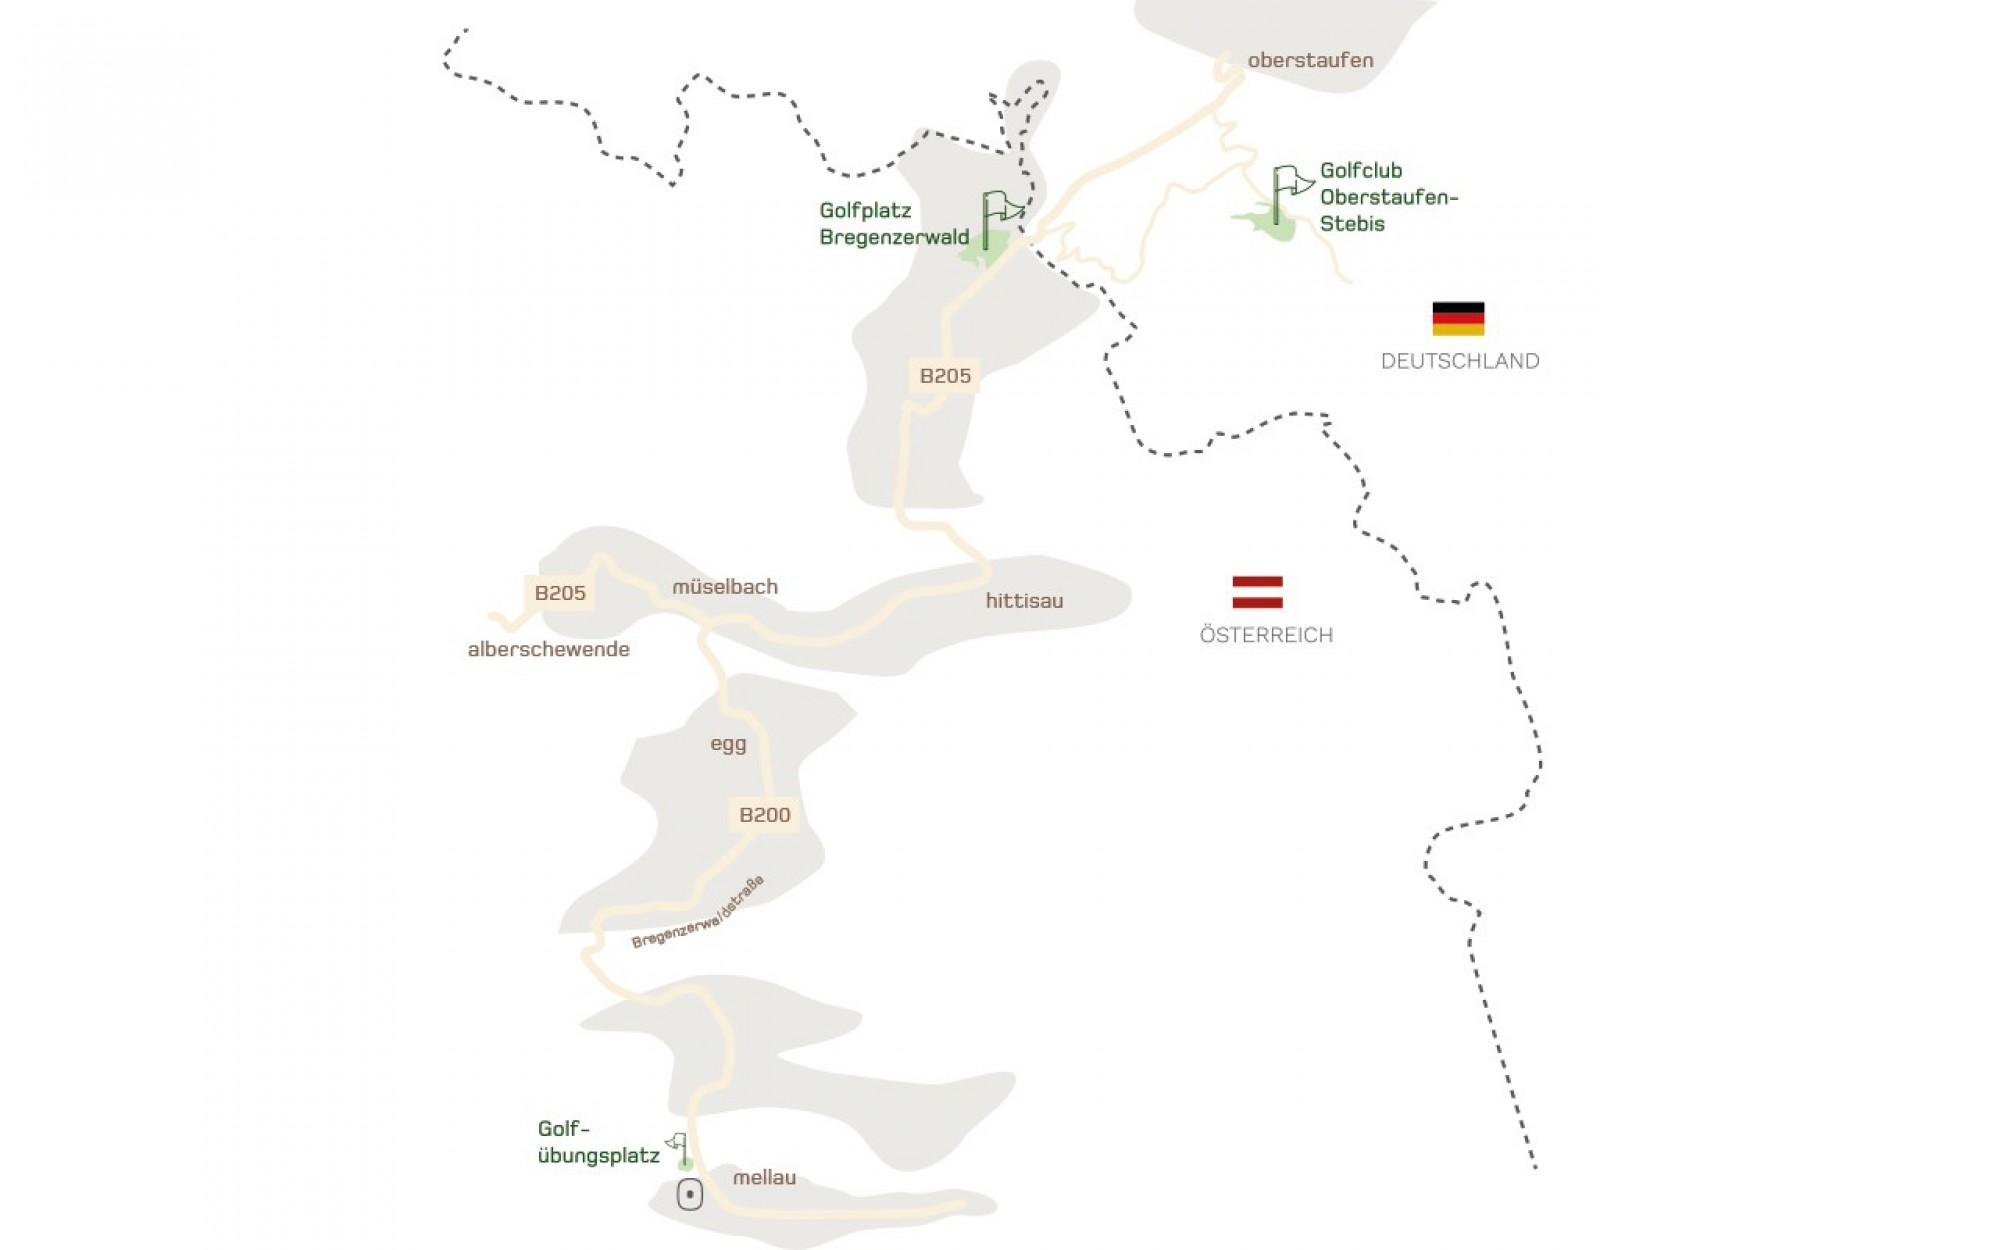 Golfen & Golfplätze in Vorarlberg